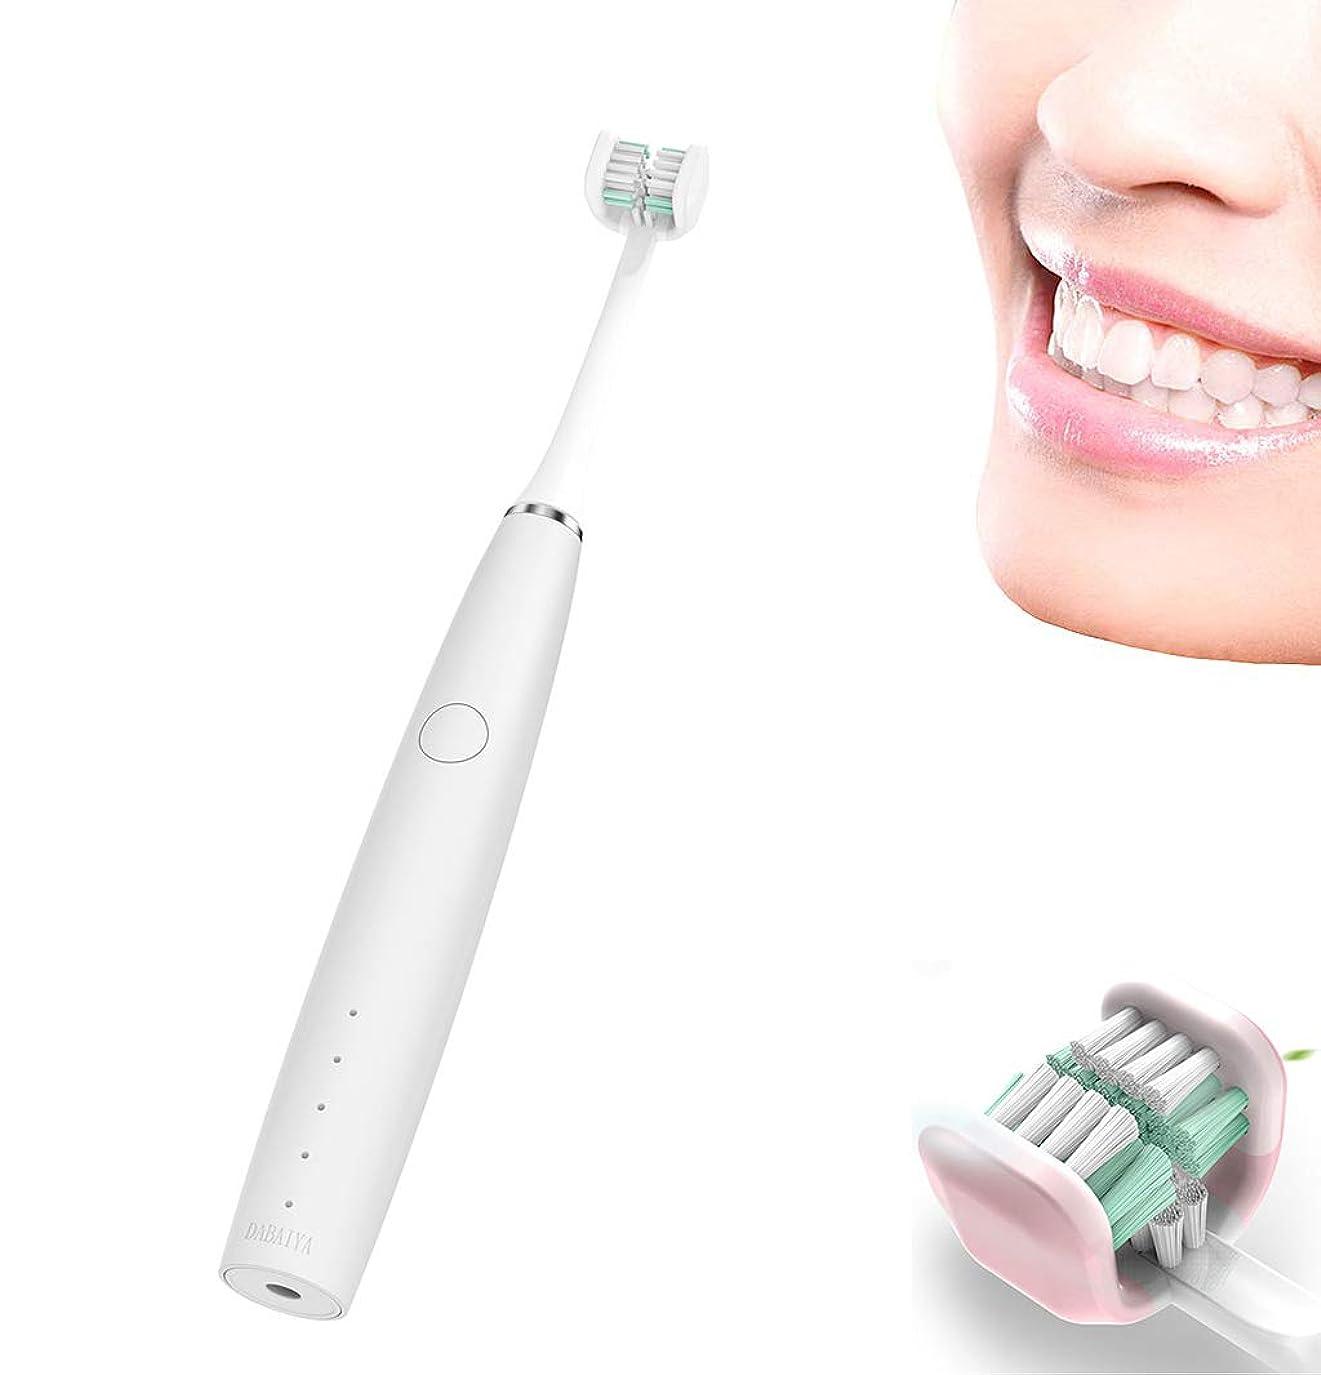 推進、動かす嫌悪株式2つのブラシの頭部が付いている3側面の音波の電動歯ブラシは完全な角度の剛毛を大人のための各歯をきれいにします,White